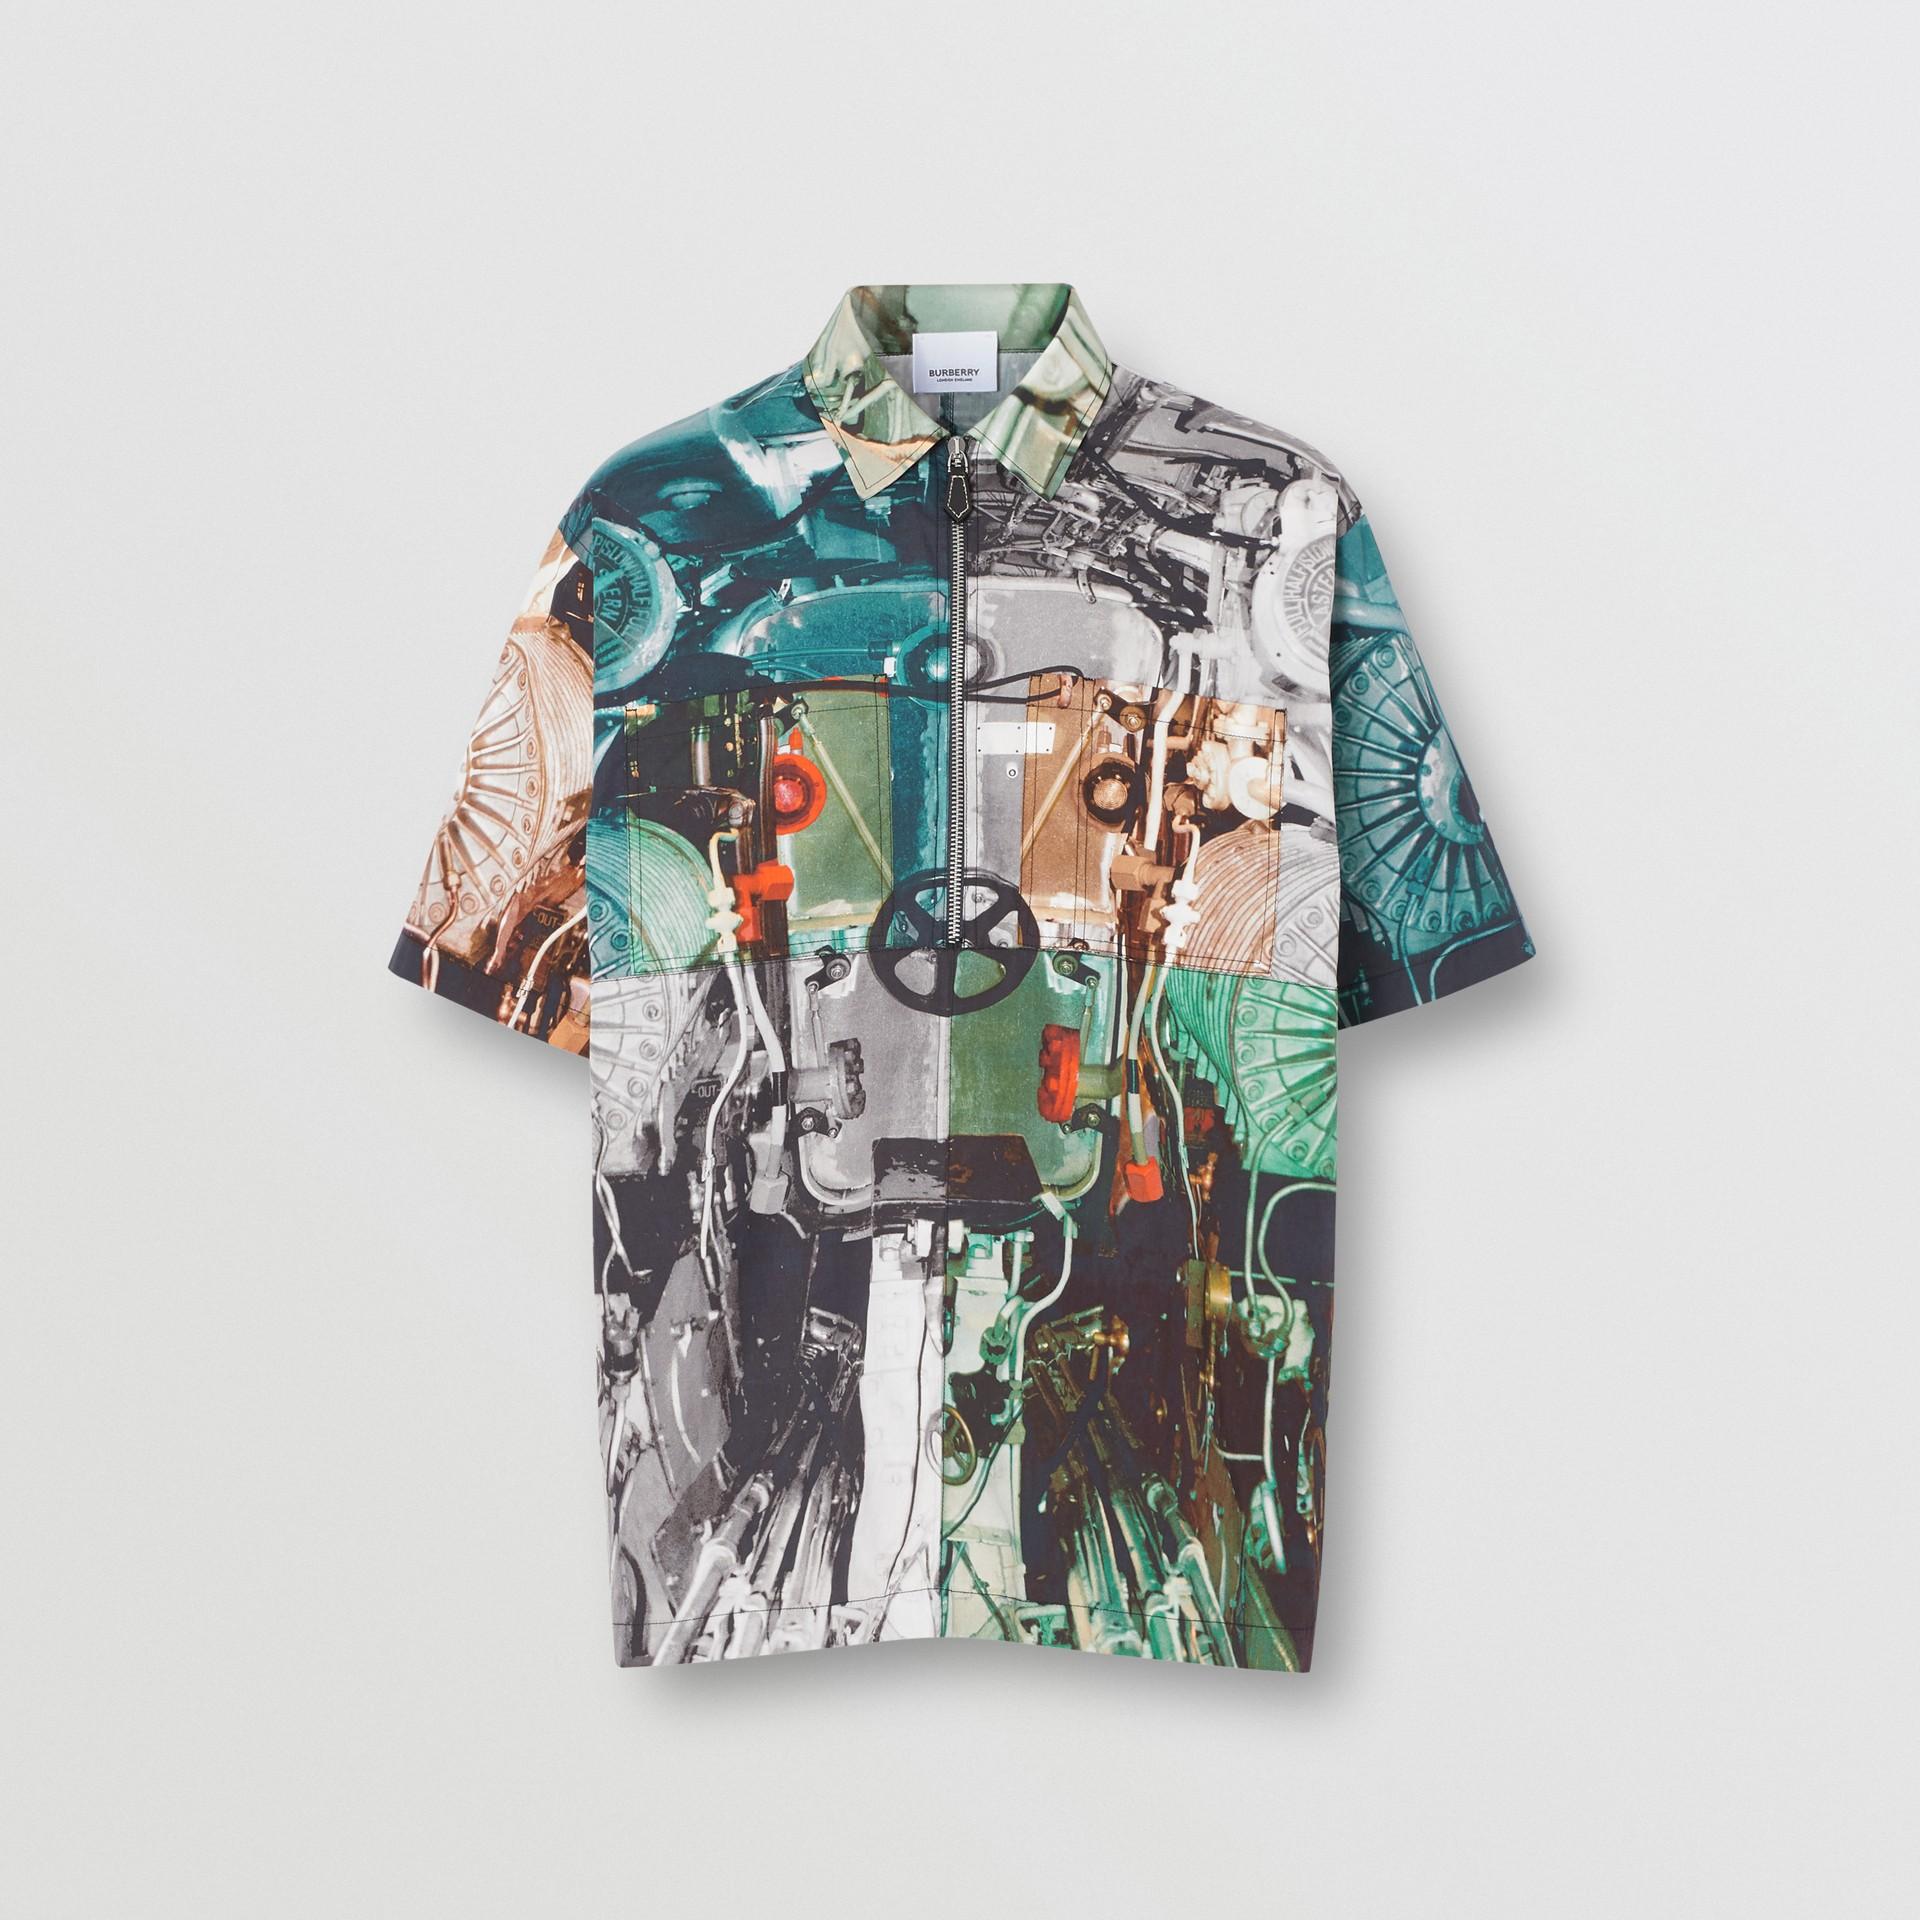 ショートスリーブ サブマリンプリント コットンシャツ (マルチカラー) - メンズ | バーバリー - ギャラリーイメージ 3